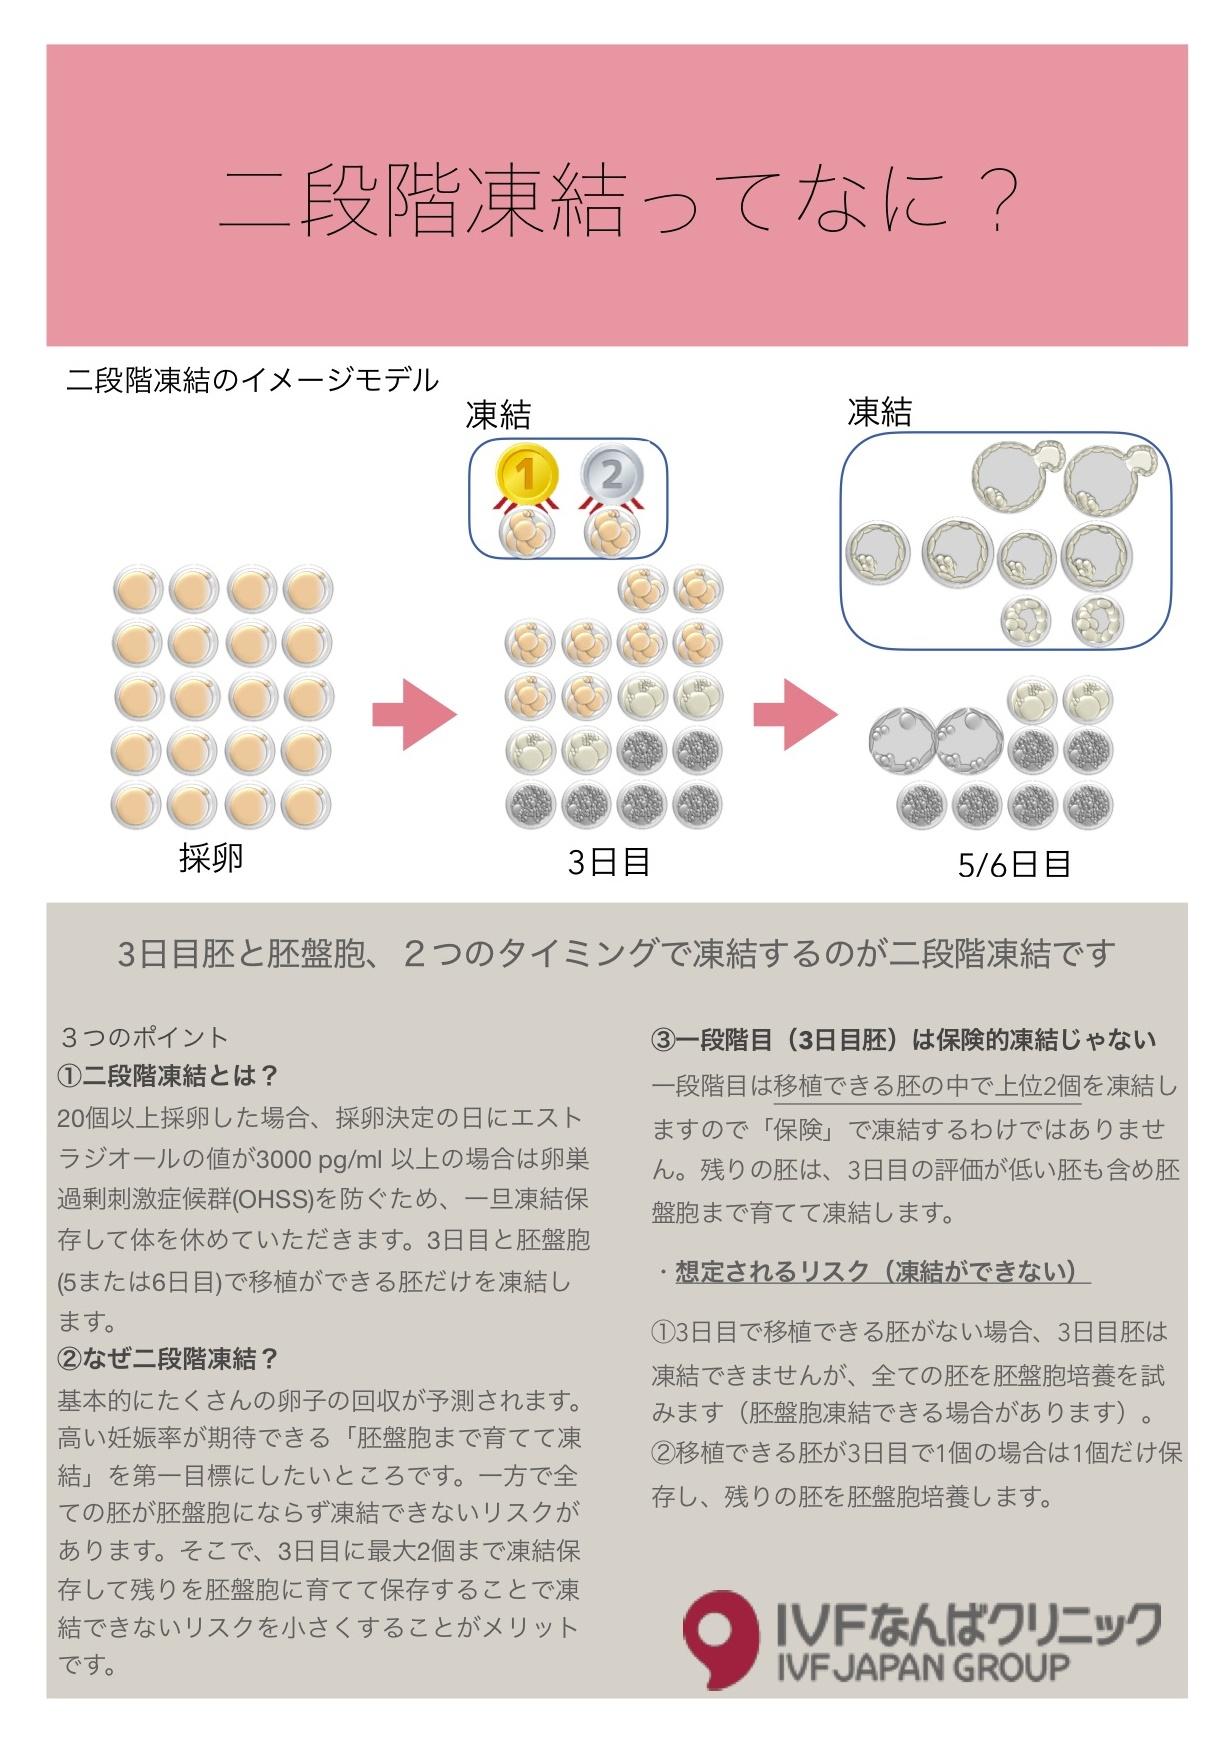 胚移植 出産予定日